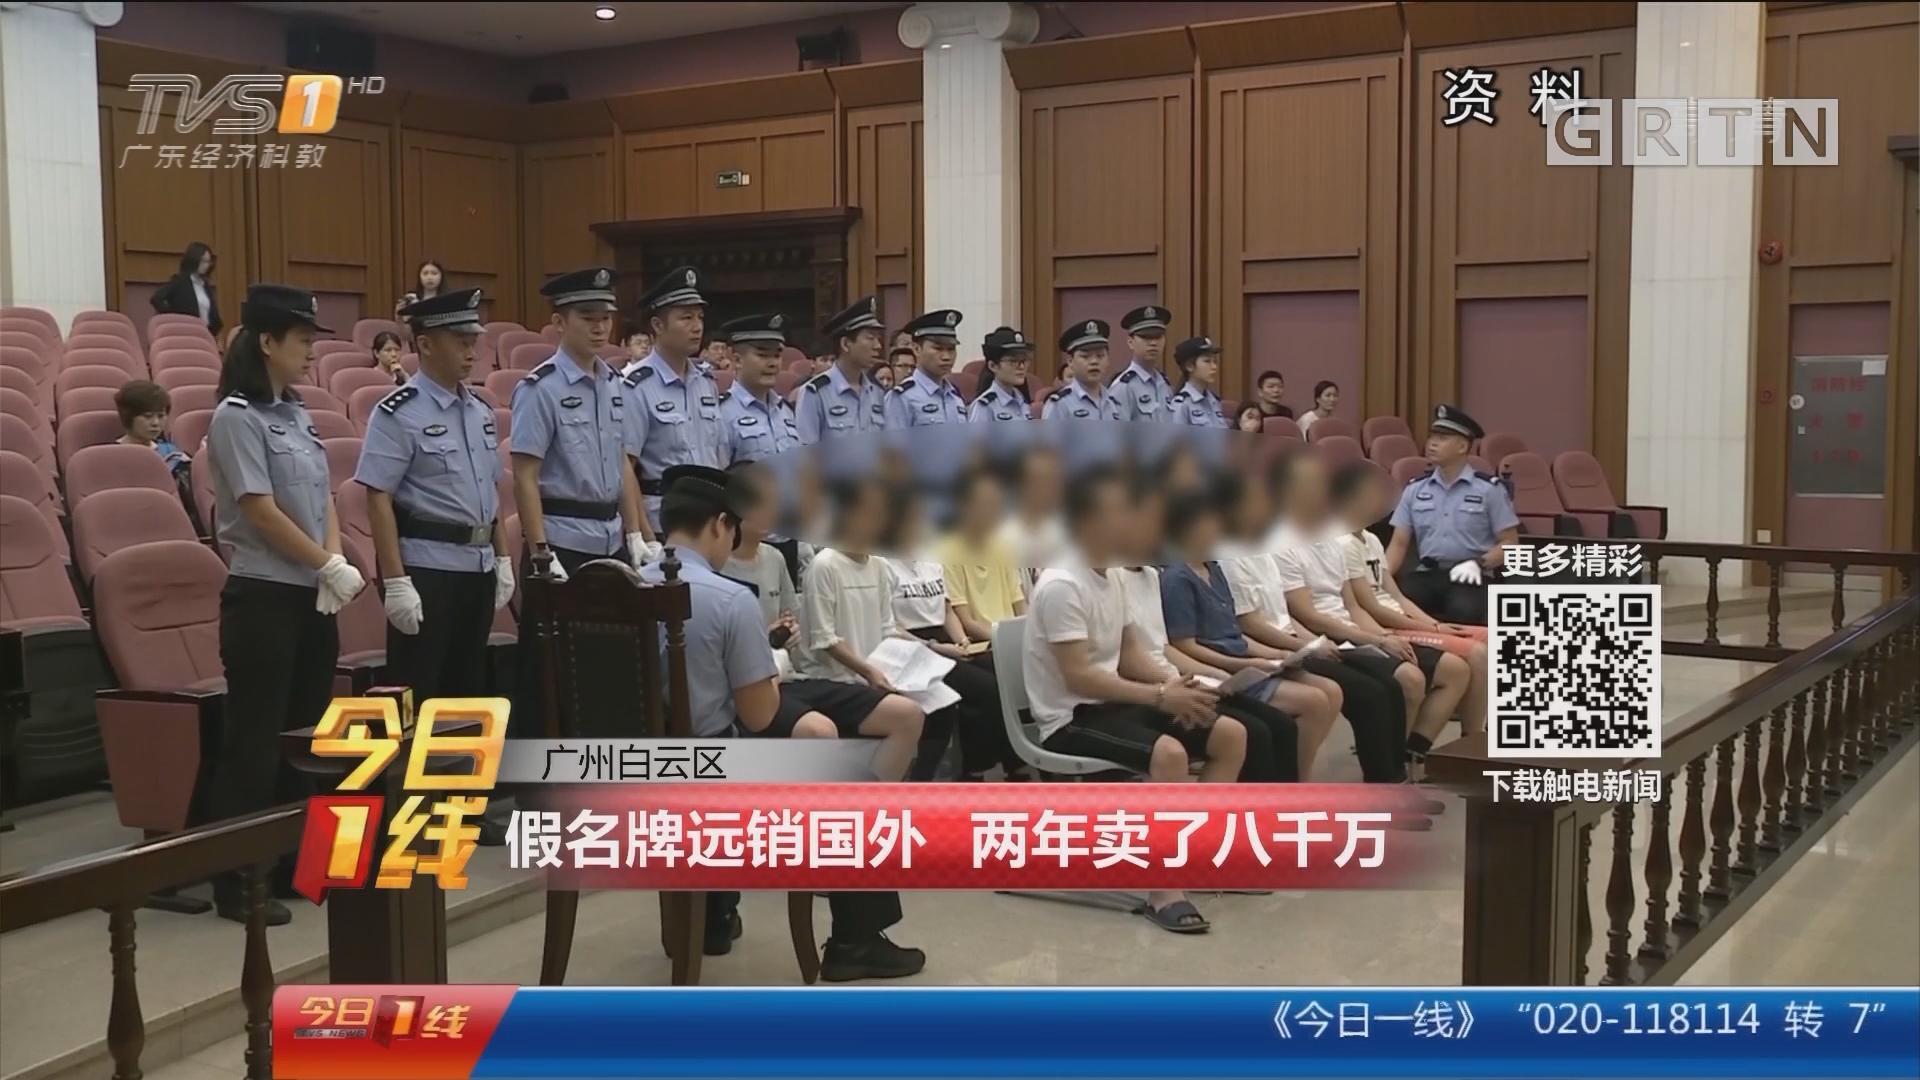 广州白云区:假名牌远销国外 两年卖了八千万